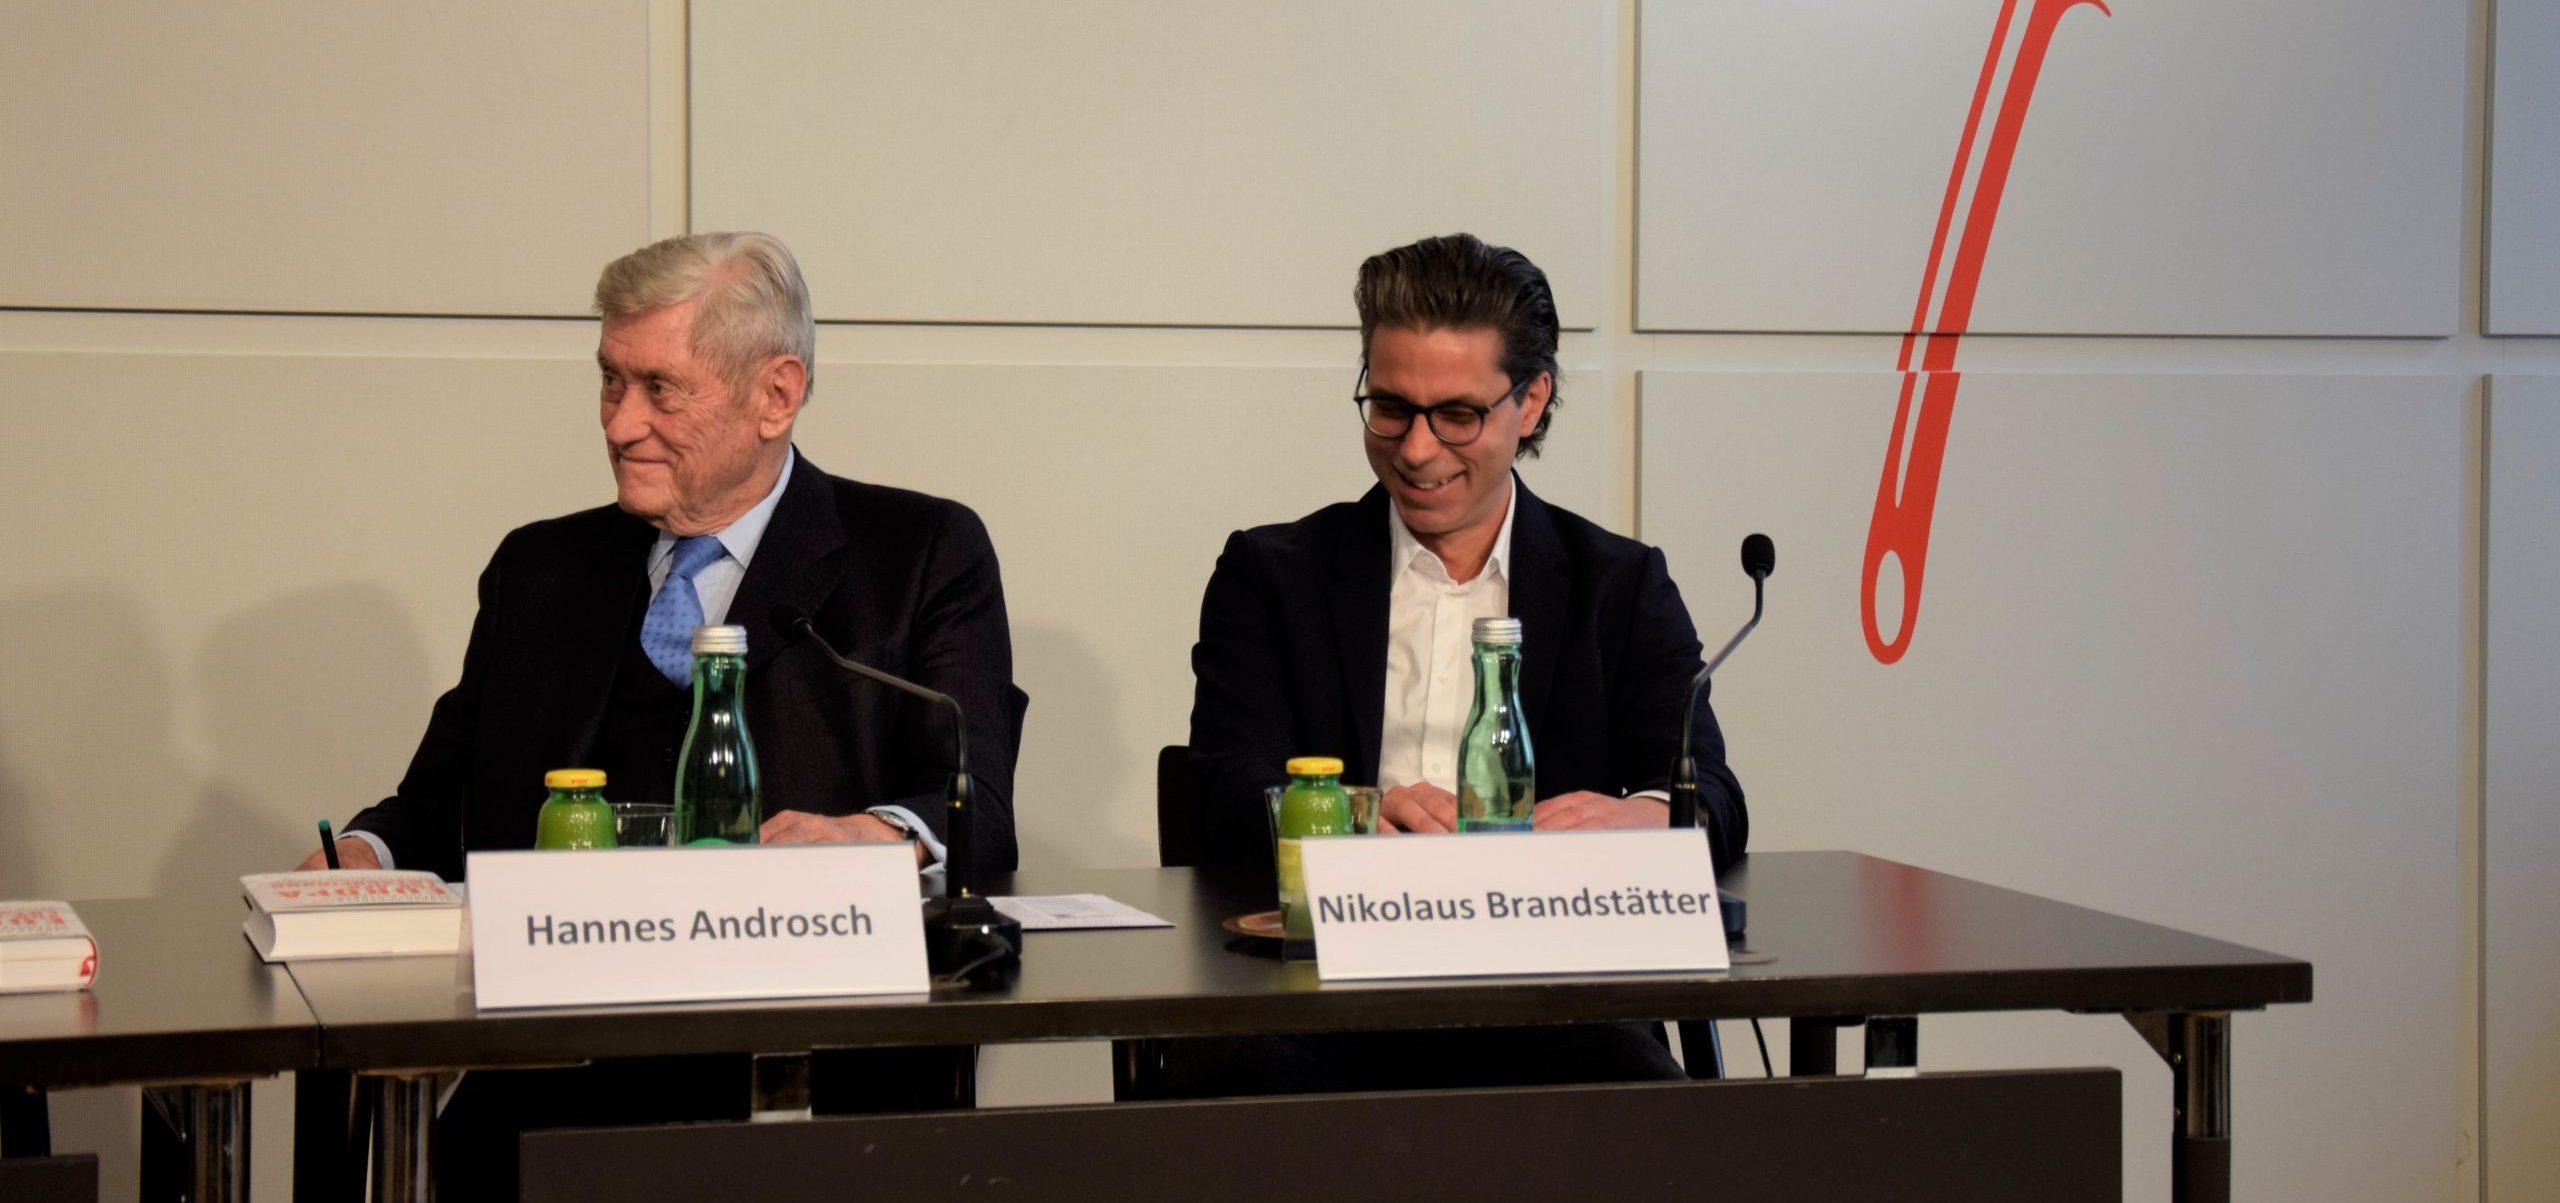 Storybild  pressekonferenz-europa-vor-der-entscheidung-ein-beitrag-zur-europawahl-2019 01